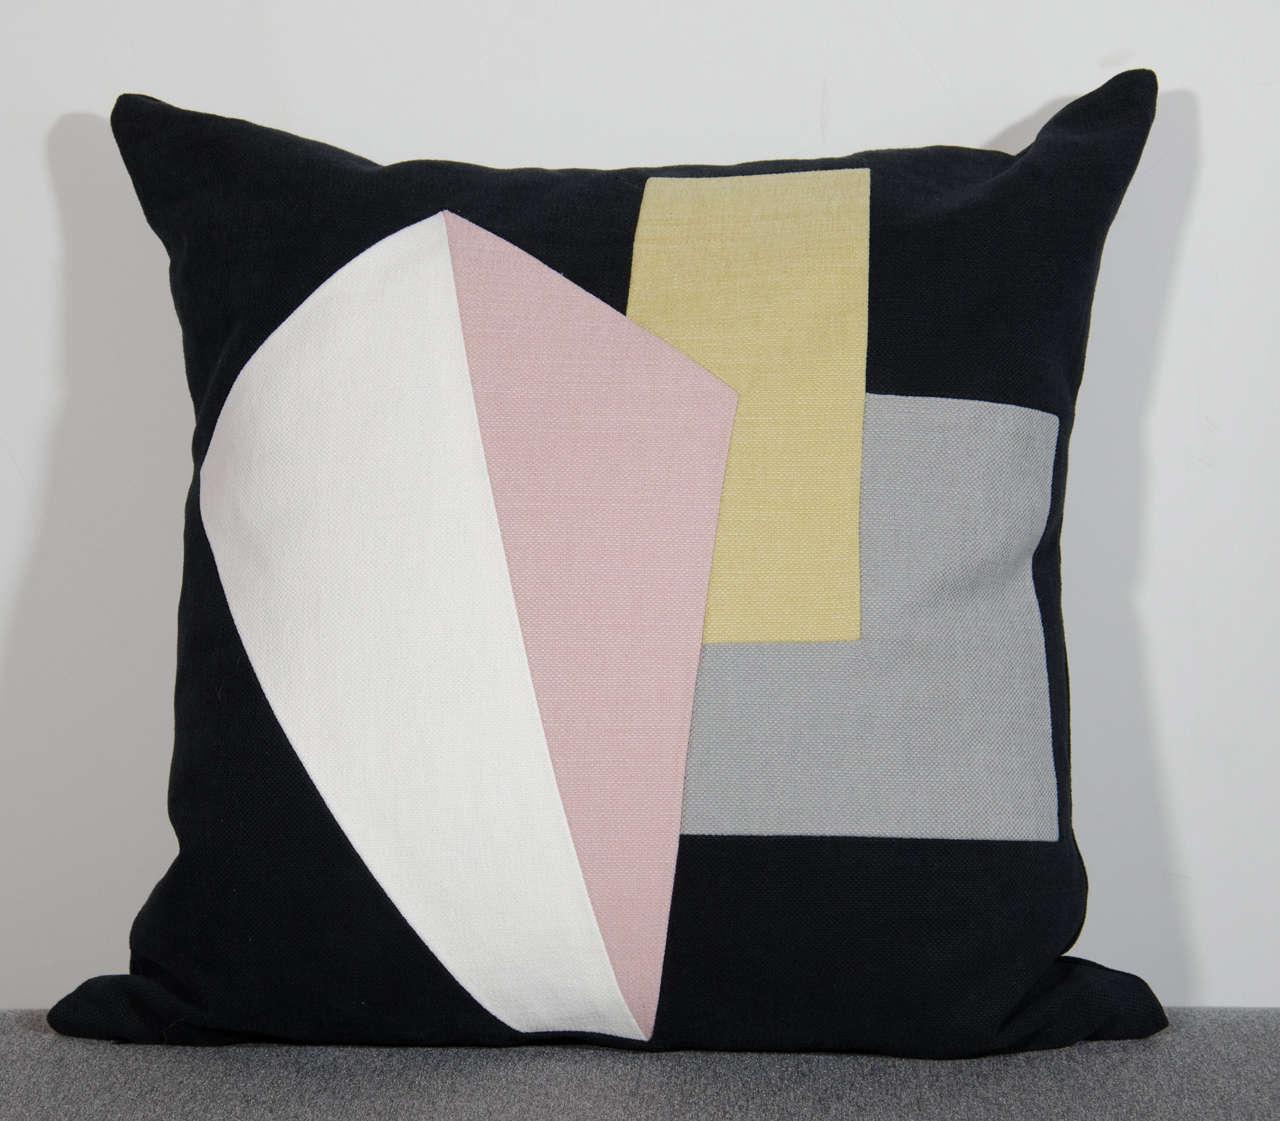 Contemporary Architectural Italian Linen Throw Pillows by Arguello Casa For Sale